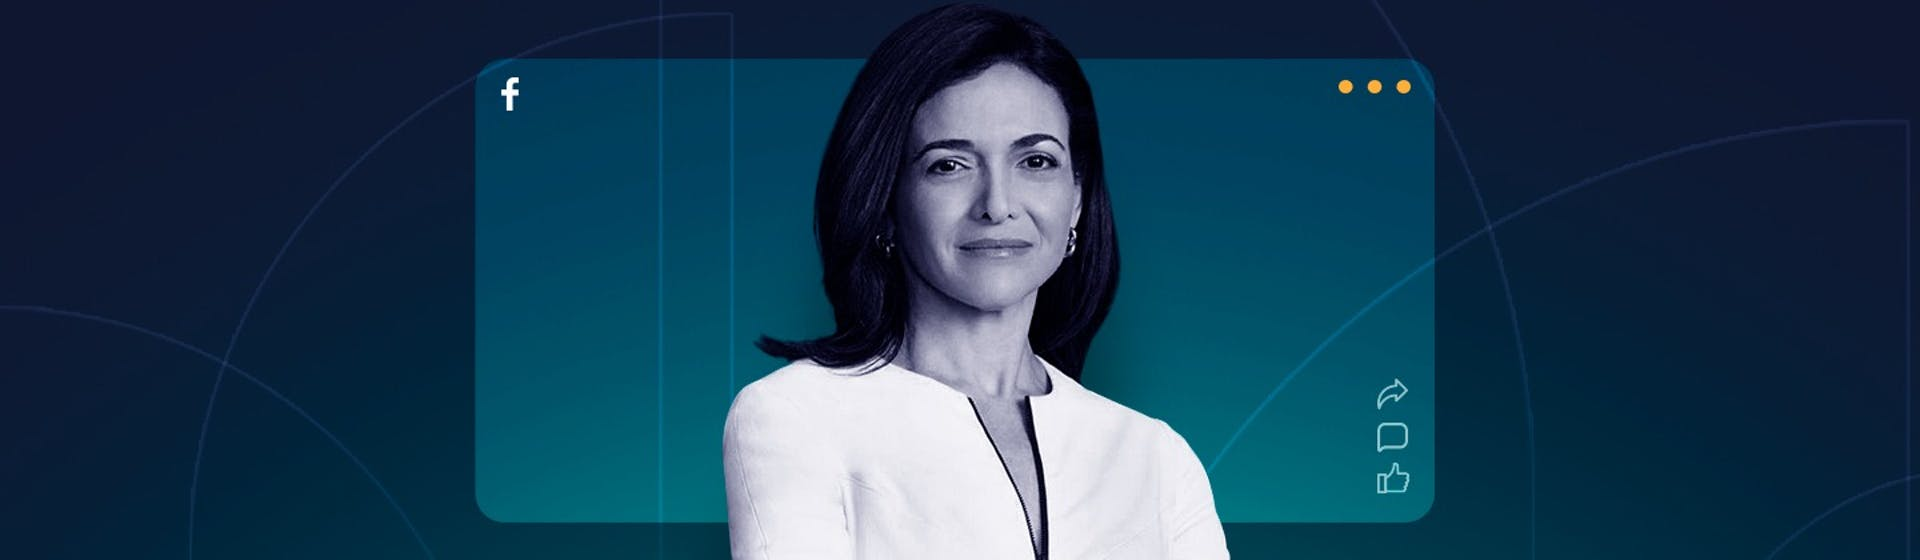 Consejos de liderazgo de Sheryl Sandberg, la directora de operaciones de Facebook